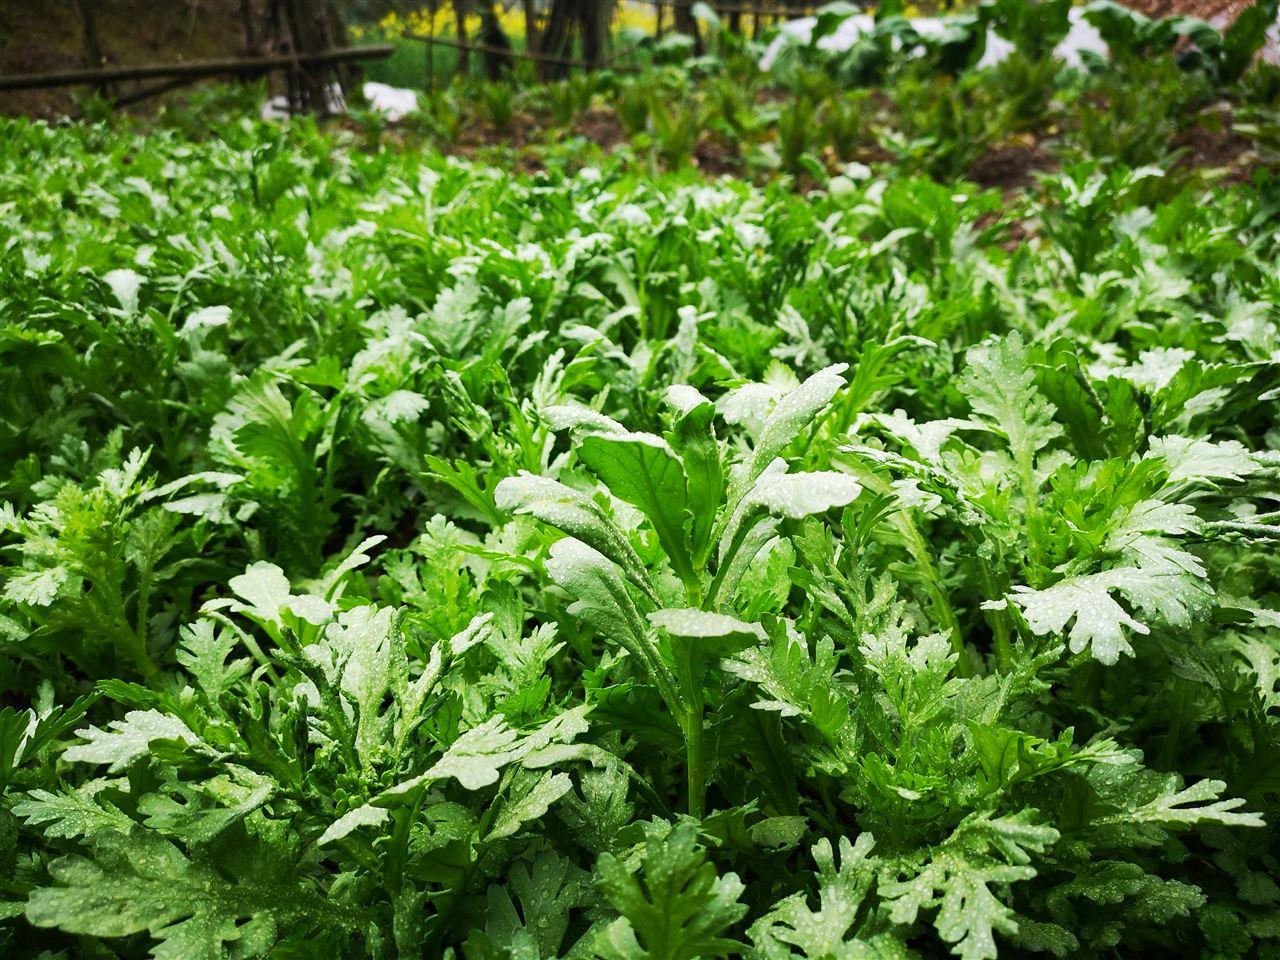 贵州开展植物萃取研究 农产品深加工带来仪器市场